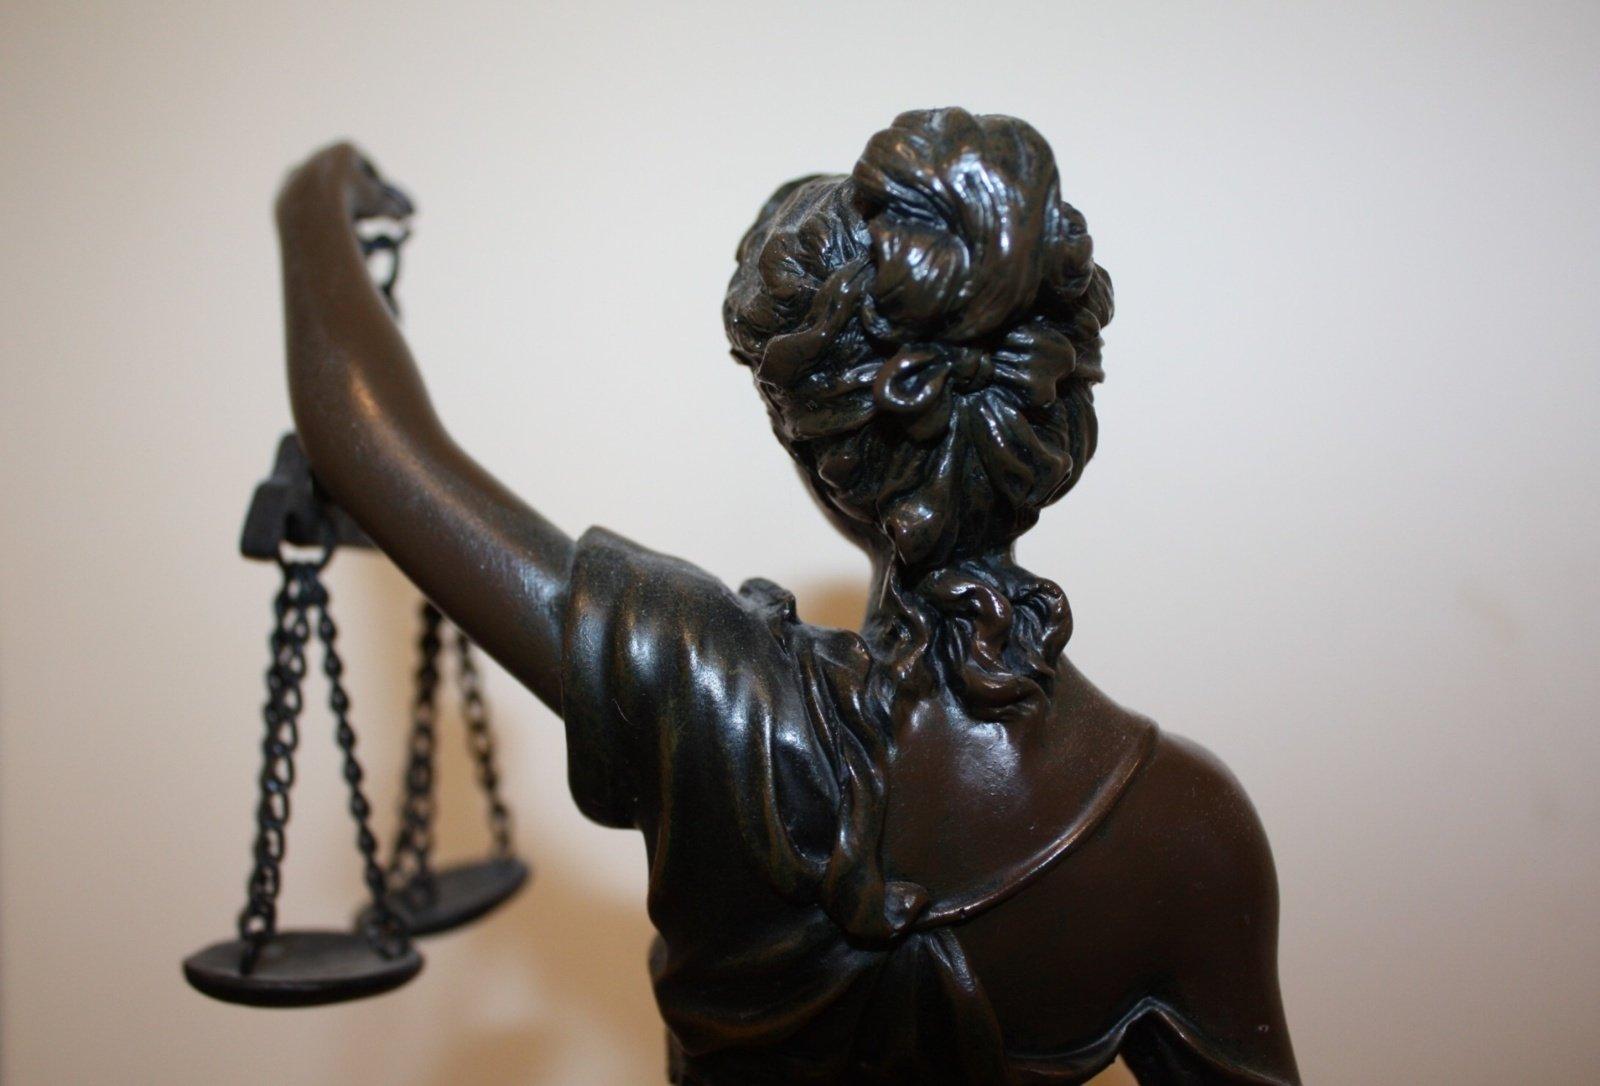 Įsiteisėjo nuosprendis už bylų išnešimą, dokumentų klastojimą nuteistam eksprokurorui